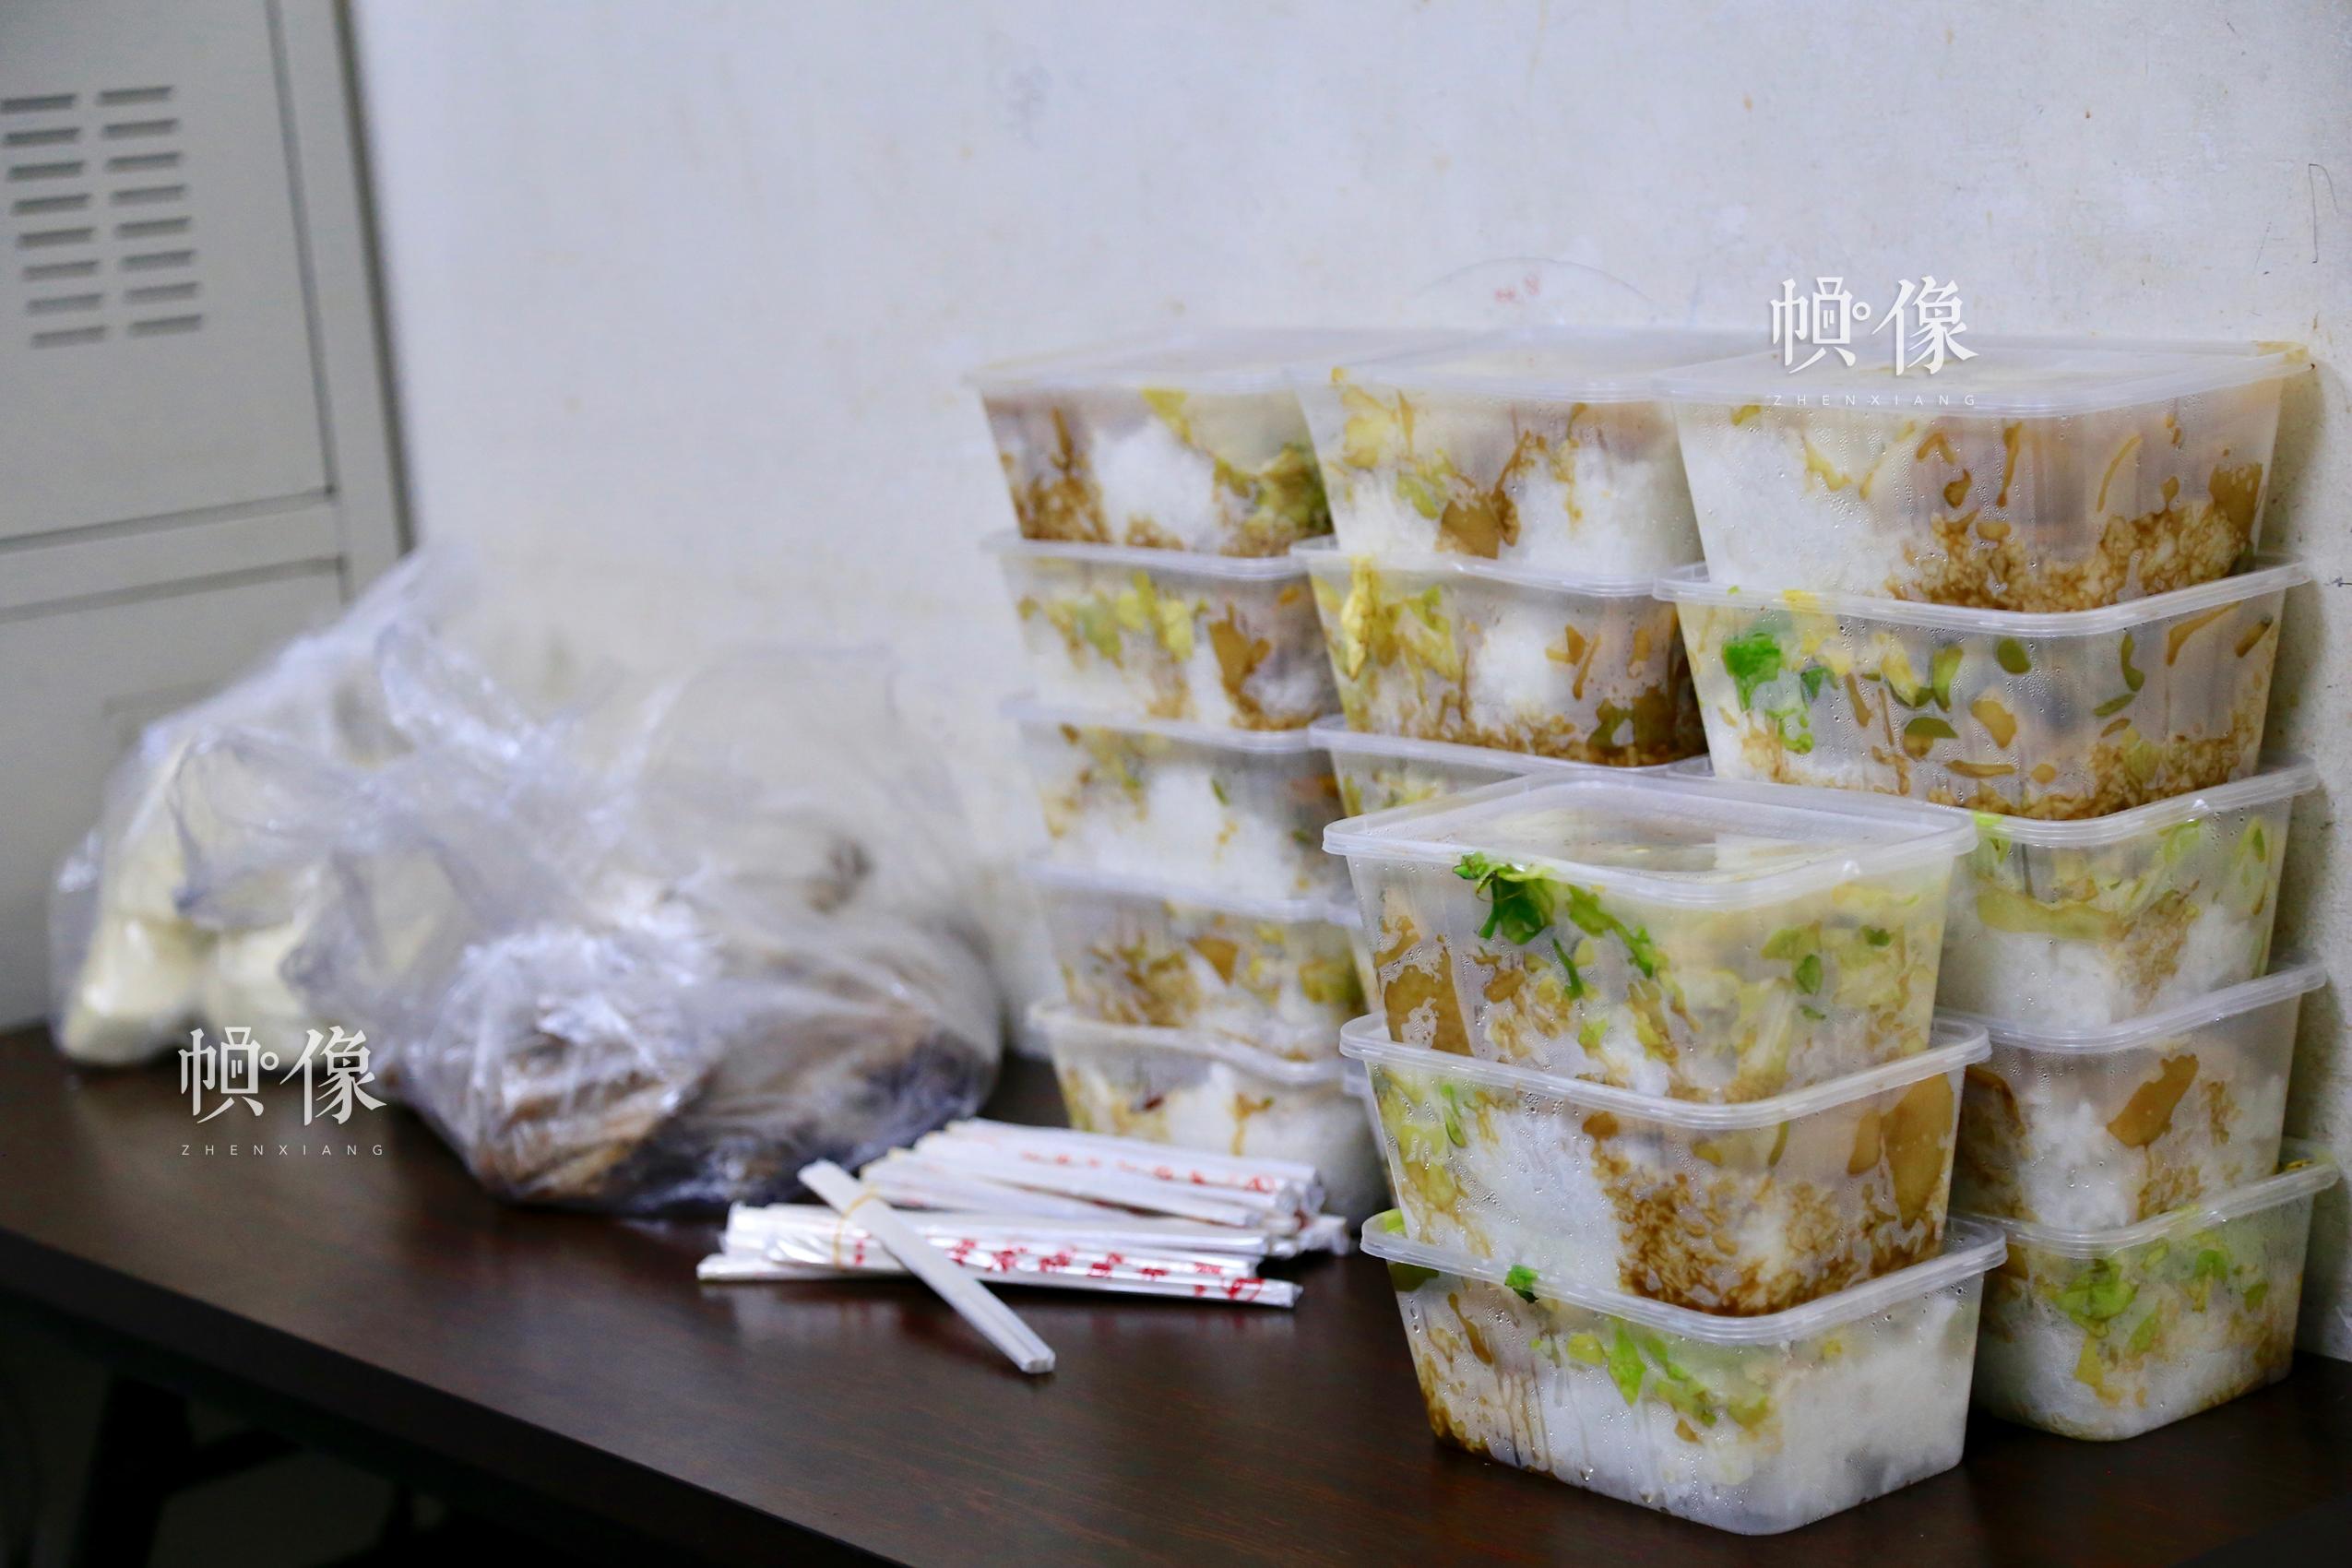 北京南站某售票车间,由于24小时不停歇工作,午饭时间有工作人员专门取盒饭,售票员换班吃盒饭。中国网实习记者 宋桉柢 摄